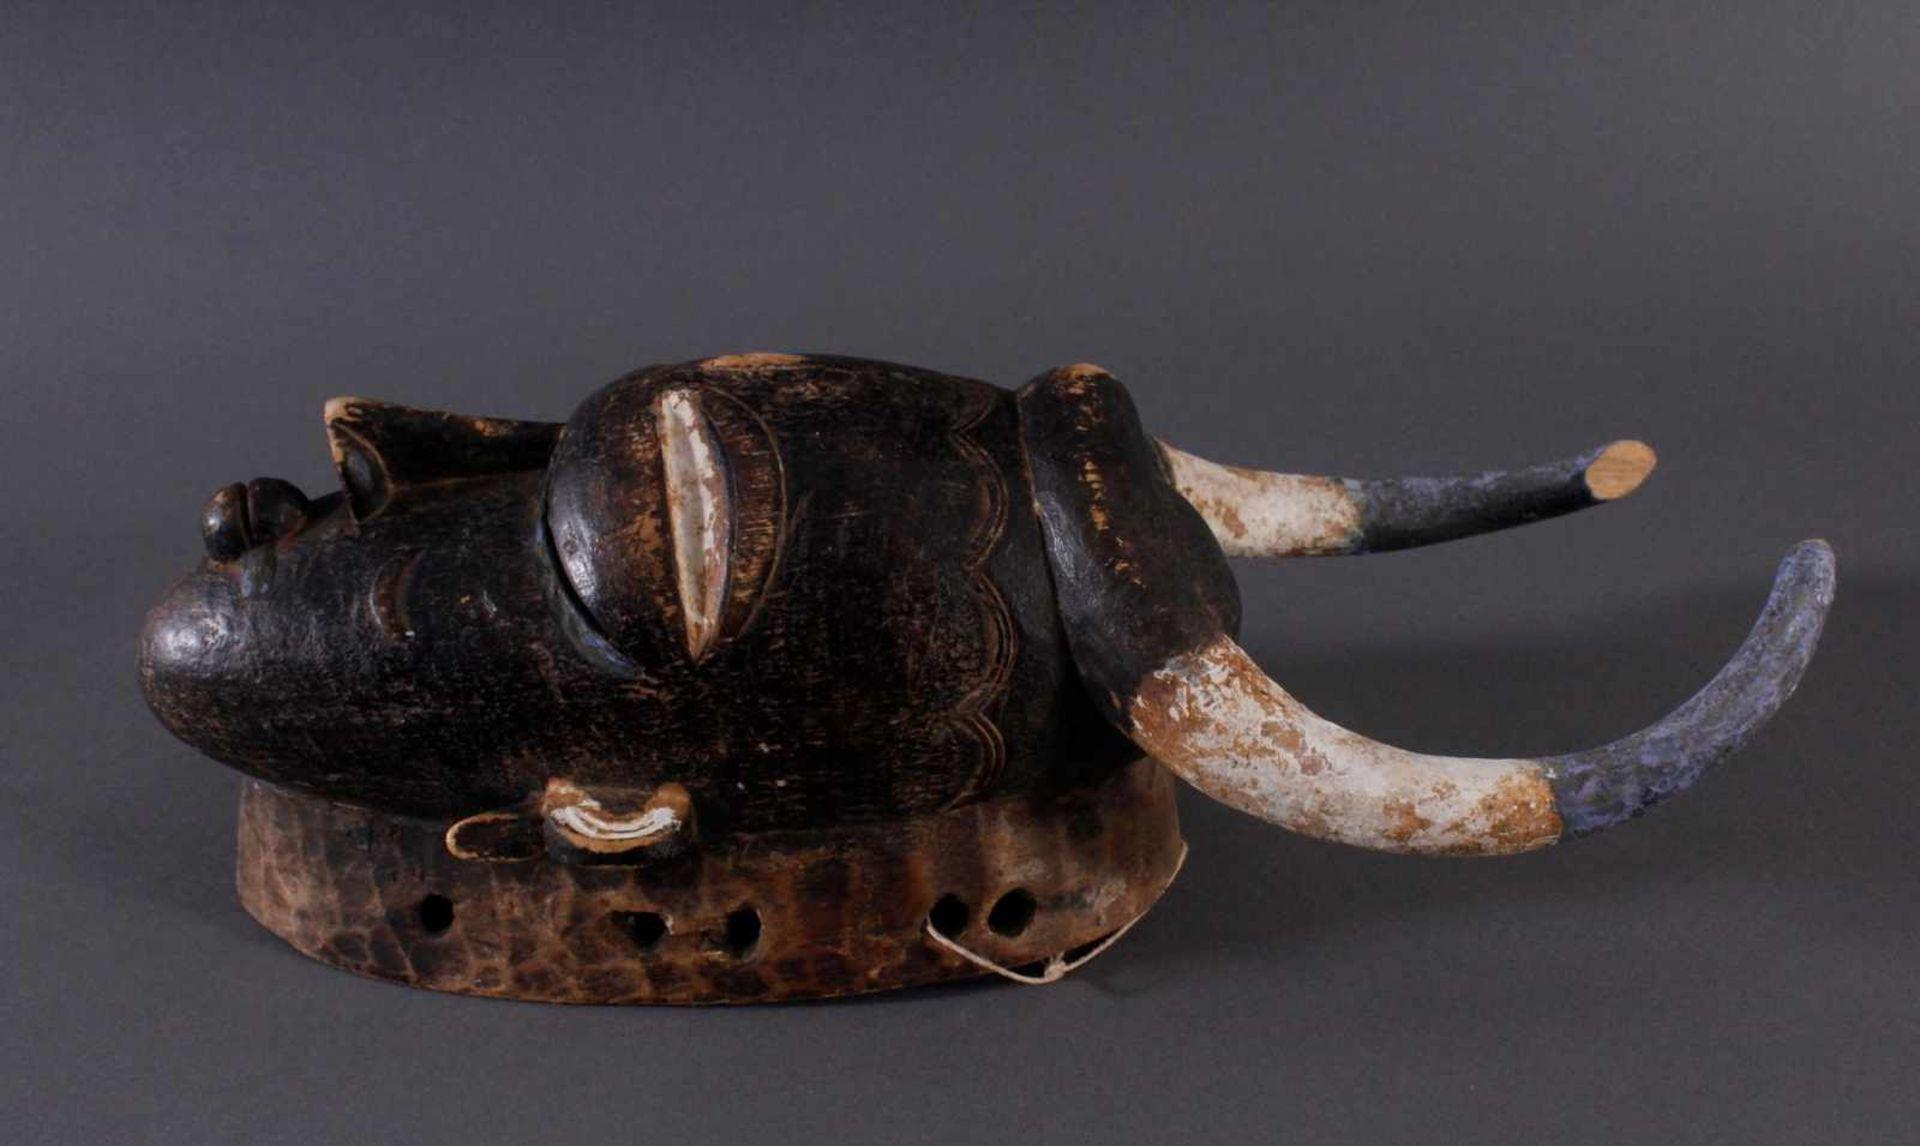 Antike Maske, Kamerun. Büffelmaske 1. Hälfte 20. Jh.Holz geschnitzt, Reste von weißer Farbe, - Bild 3 aus 4